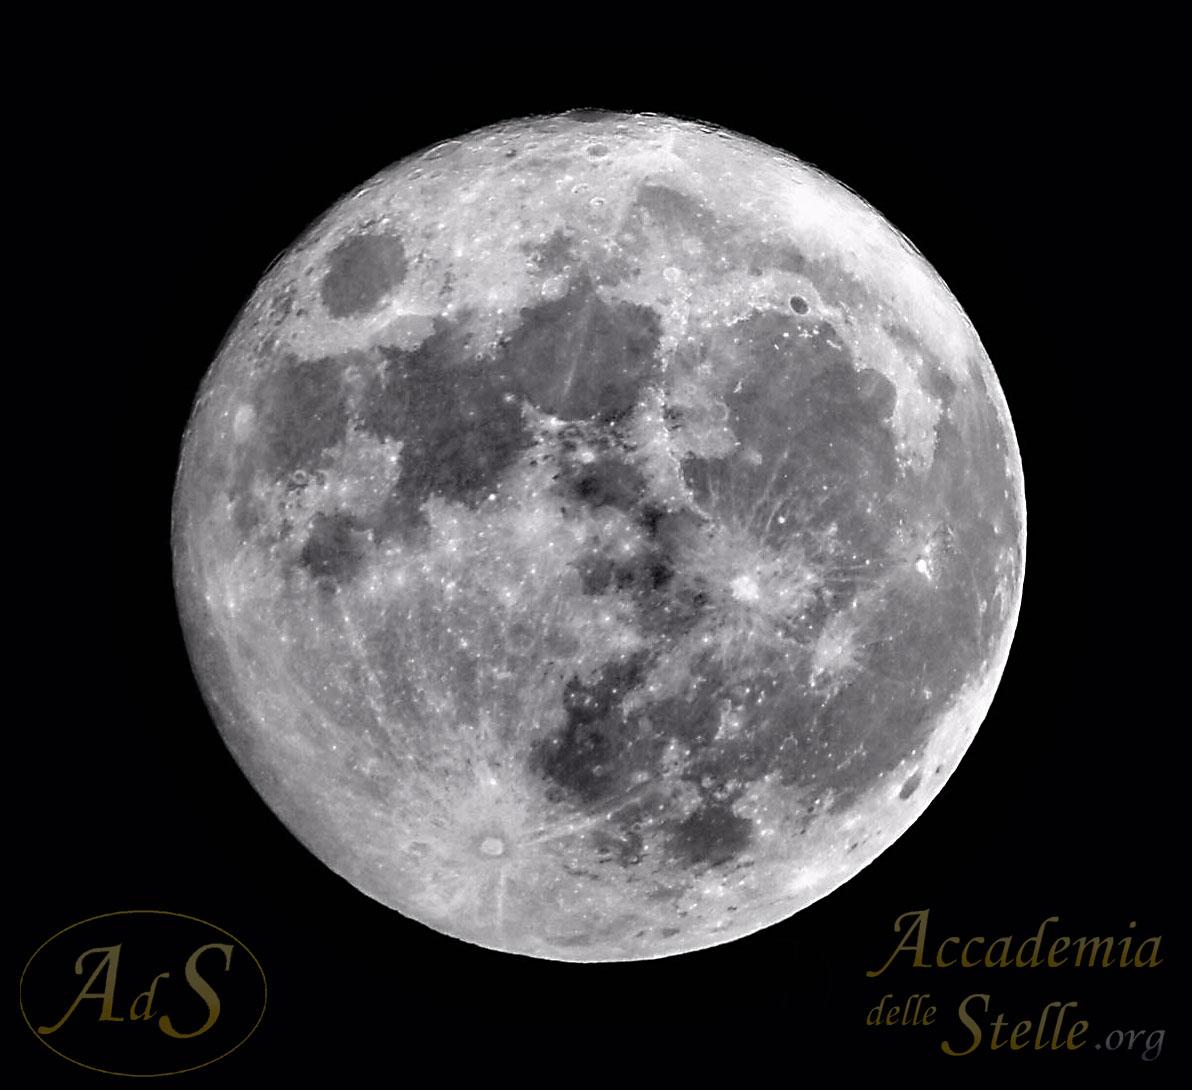 Fotografia della superluna ripresa con un cellulare ad uno dei telescopi messi a disposizione dall'Accademia delle Stelle